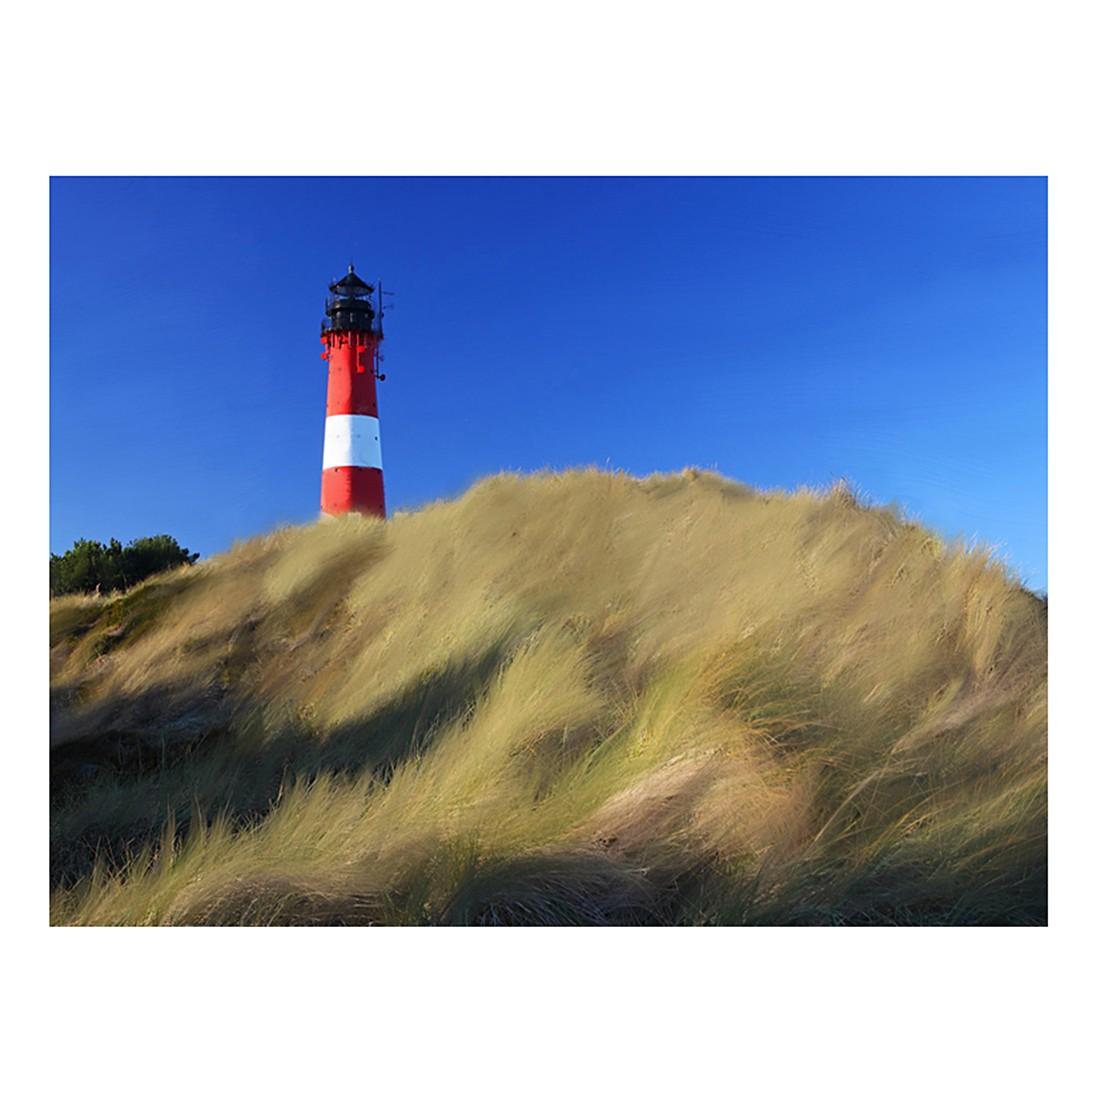 Ölgemälde Leuchtturm hinter der Düne von Frank Herrmann – Größe 60 x 80 cm, yourPainting online kaufen